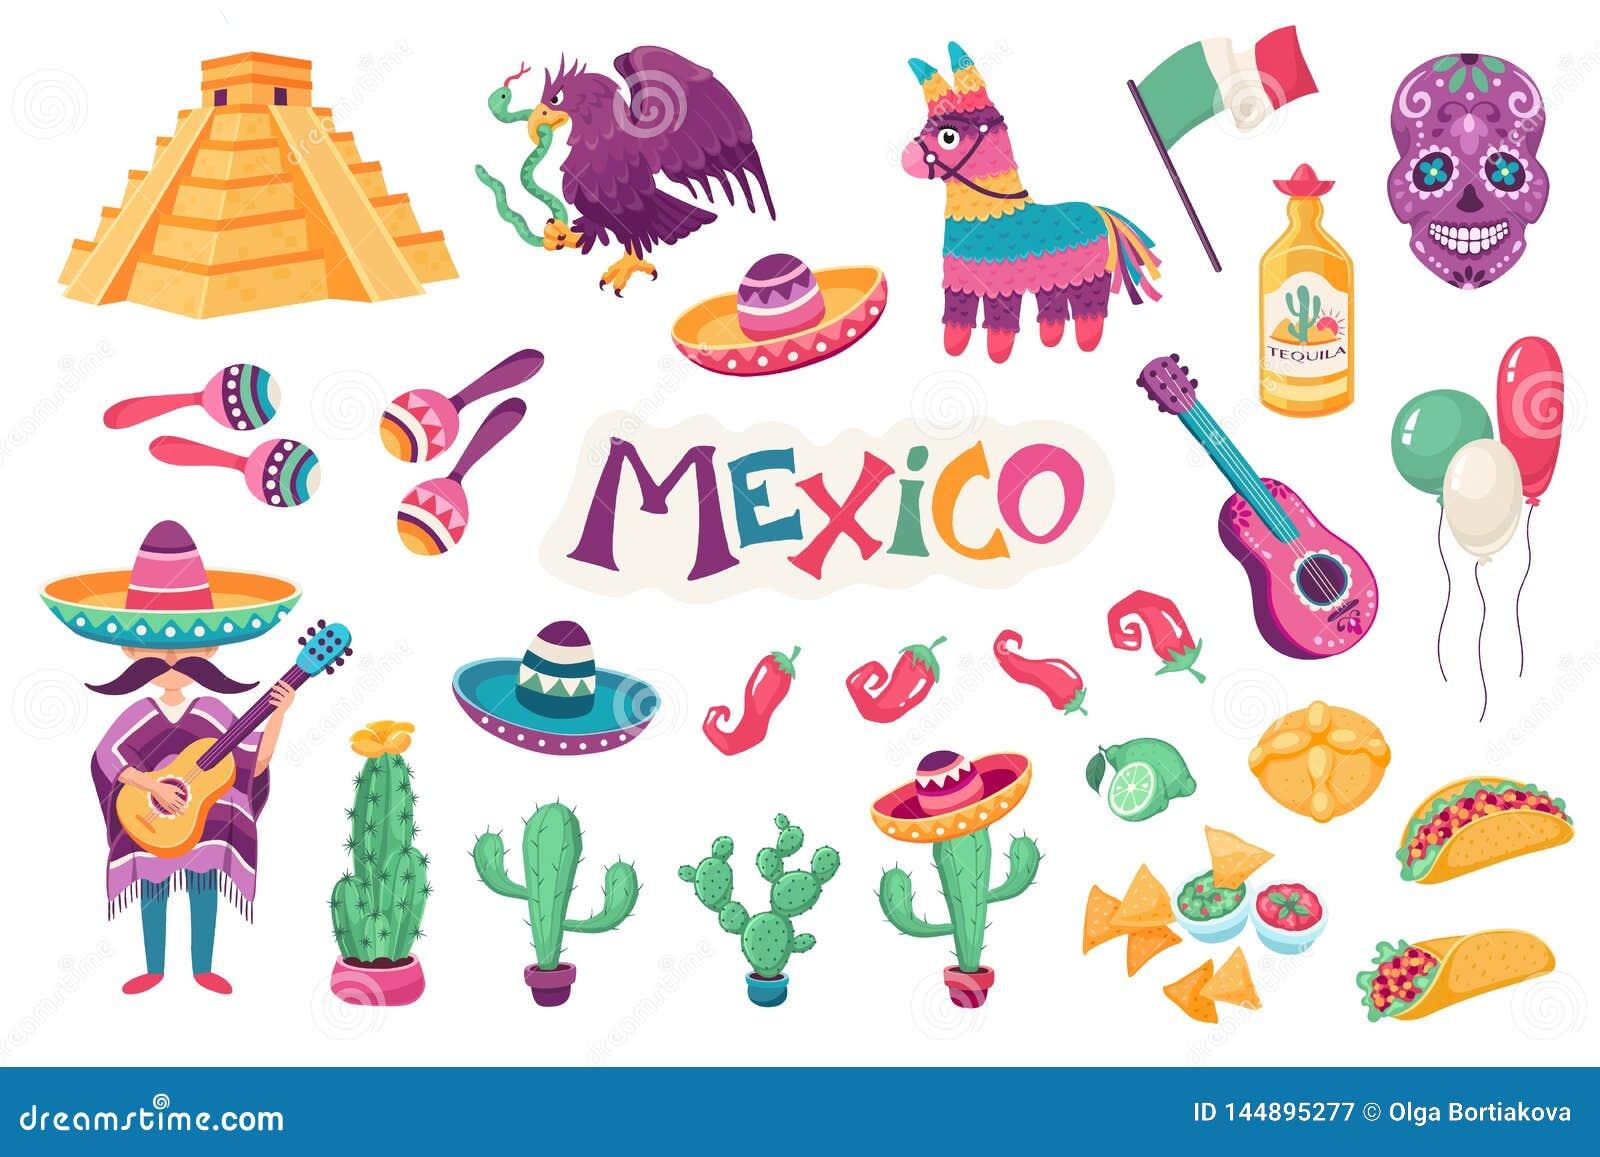 Mexicaanse traditionele voorwerpen